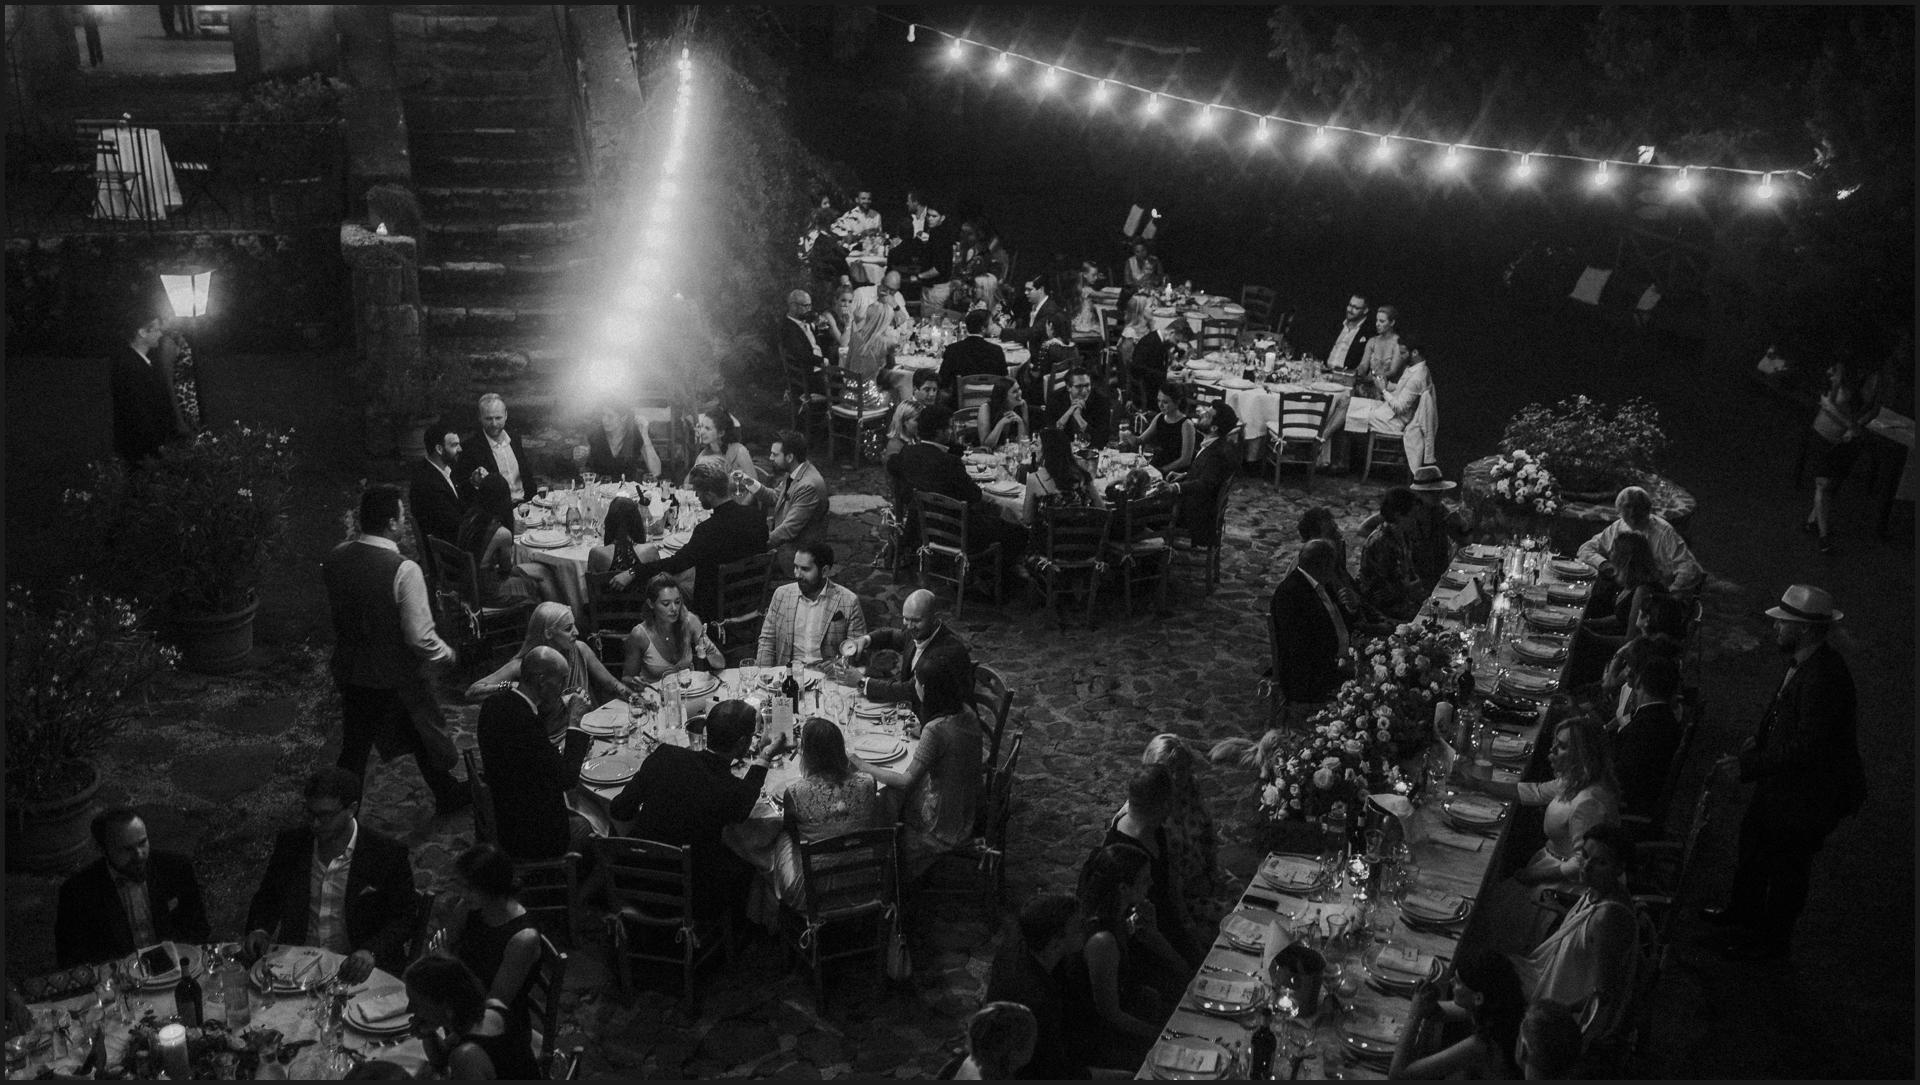 borgo di tragliata, wedding, rome, wedding in rome, black and white, table setting, wedding reception